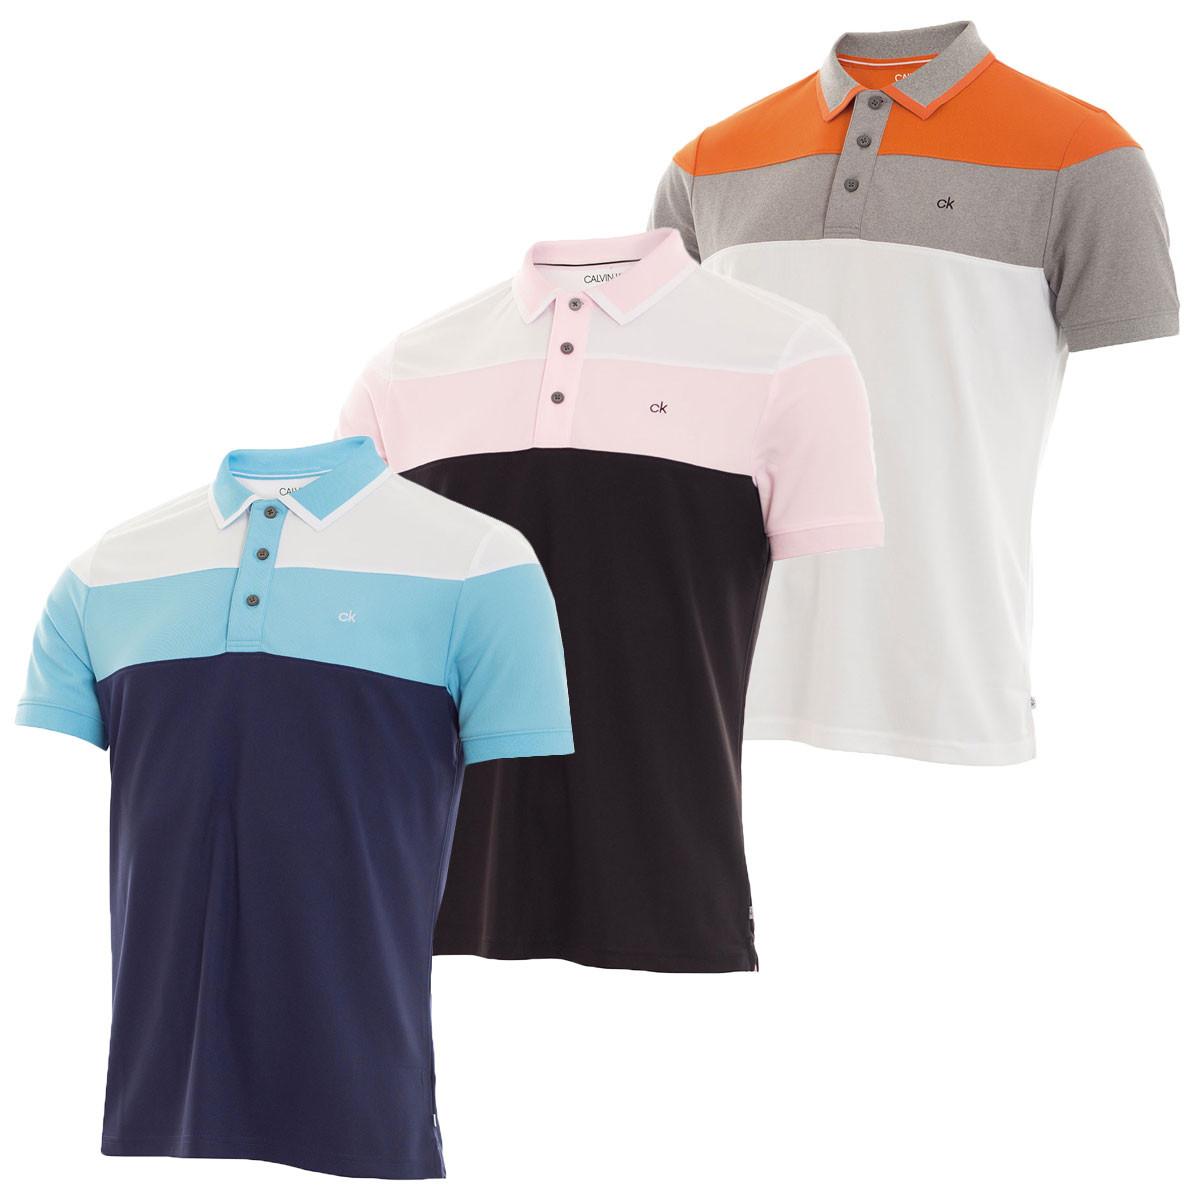 355c7c78 Calvin Klein Mens 2019 Arinox Polo Shirt